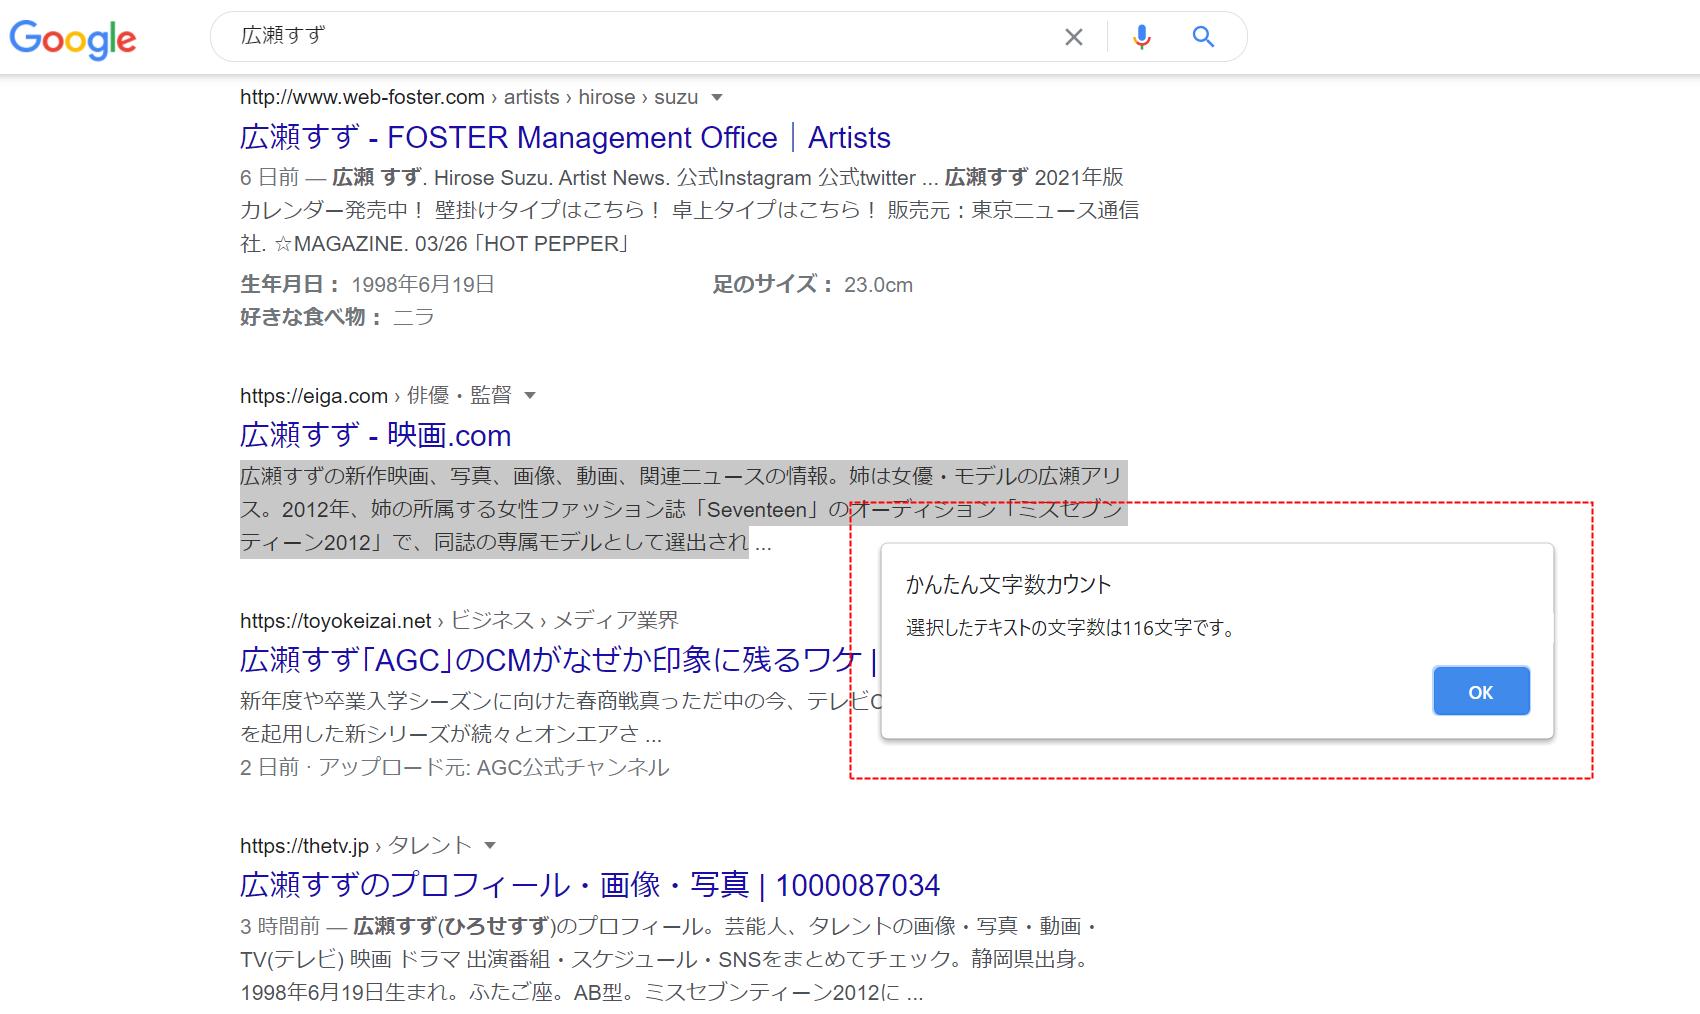 グーグル検索の文字数